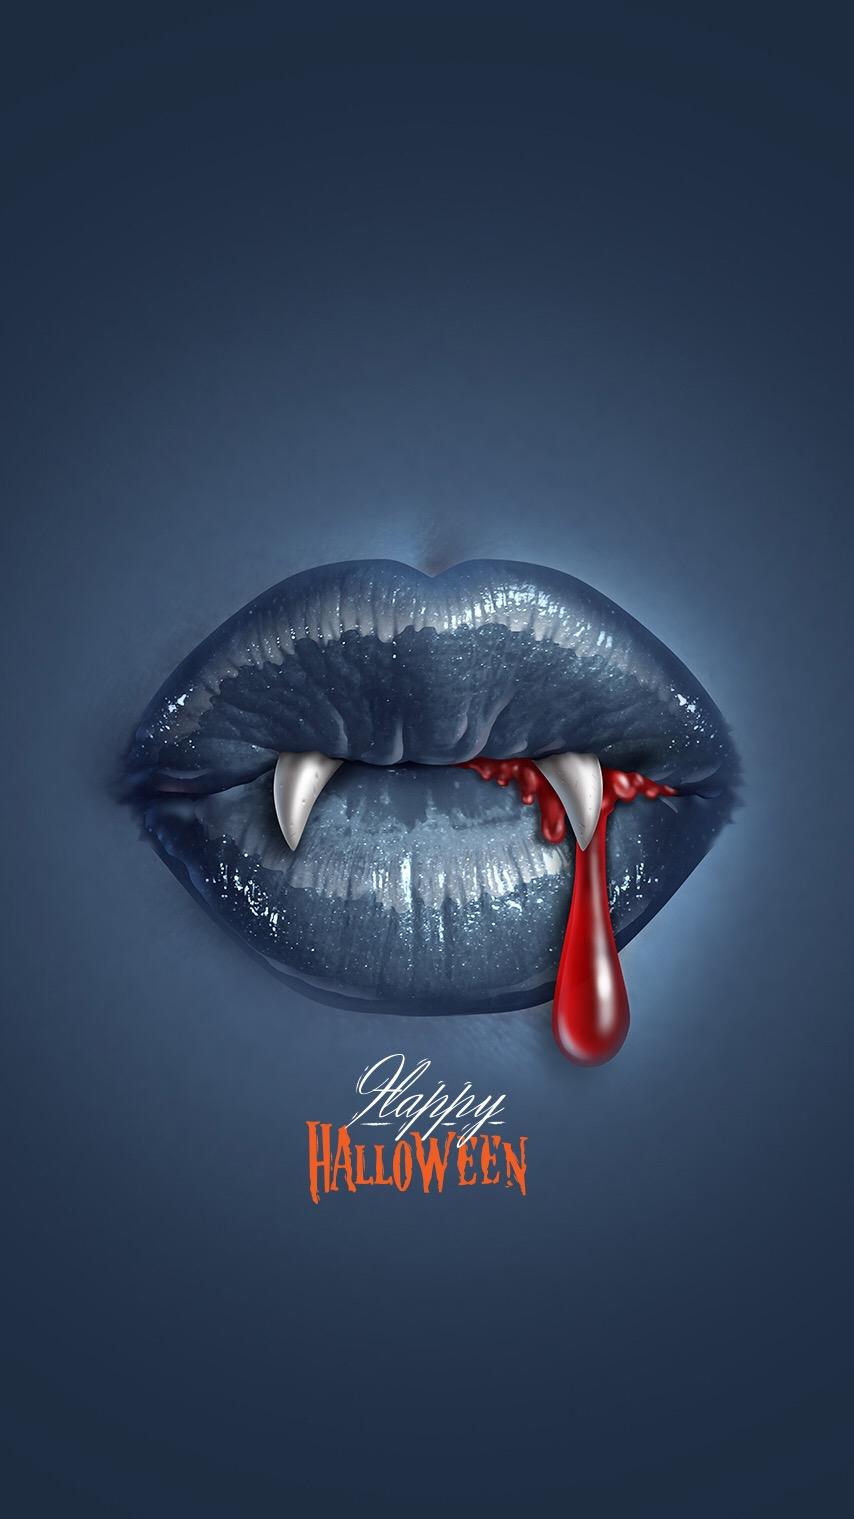 Happy Holloween Scary Blood Vampire Lips iPhone Wallpaper iphoneswallpapers com